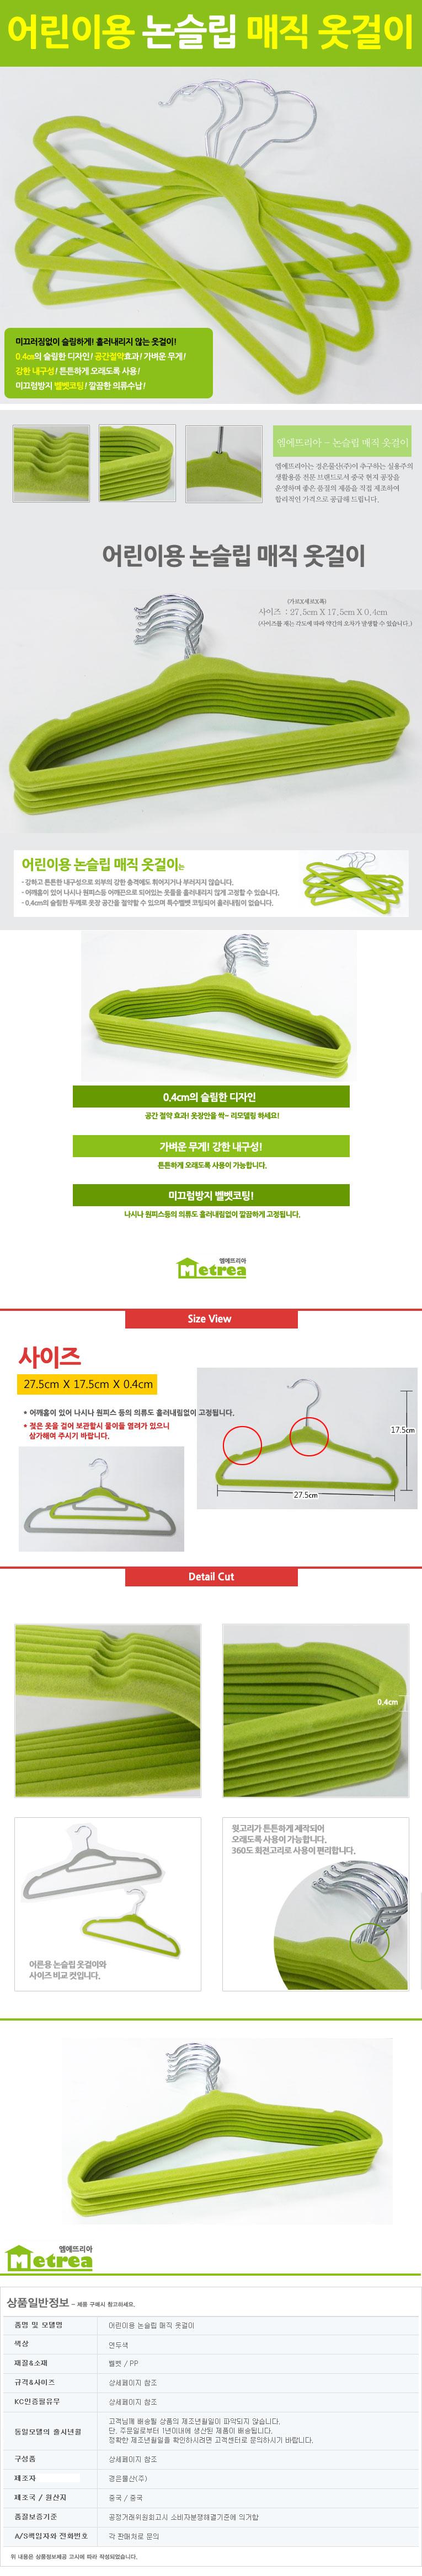 어린이 논슬립 매직 옷걸이 30개 - 생활통, 12,000원, 가구, 옷걸이/소품